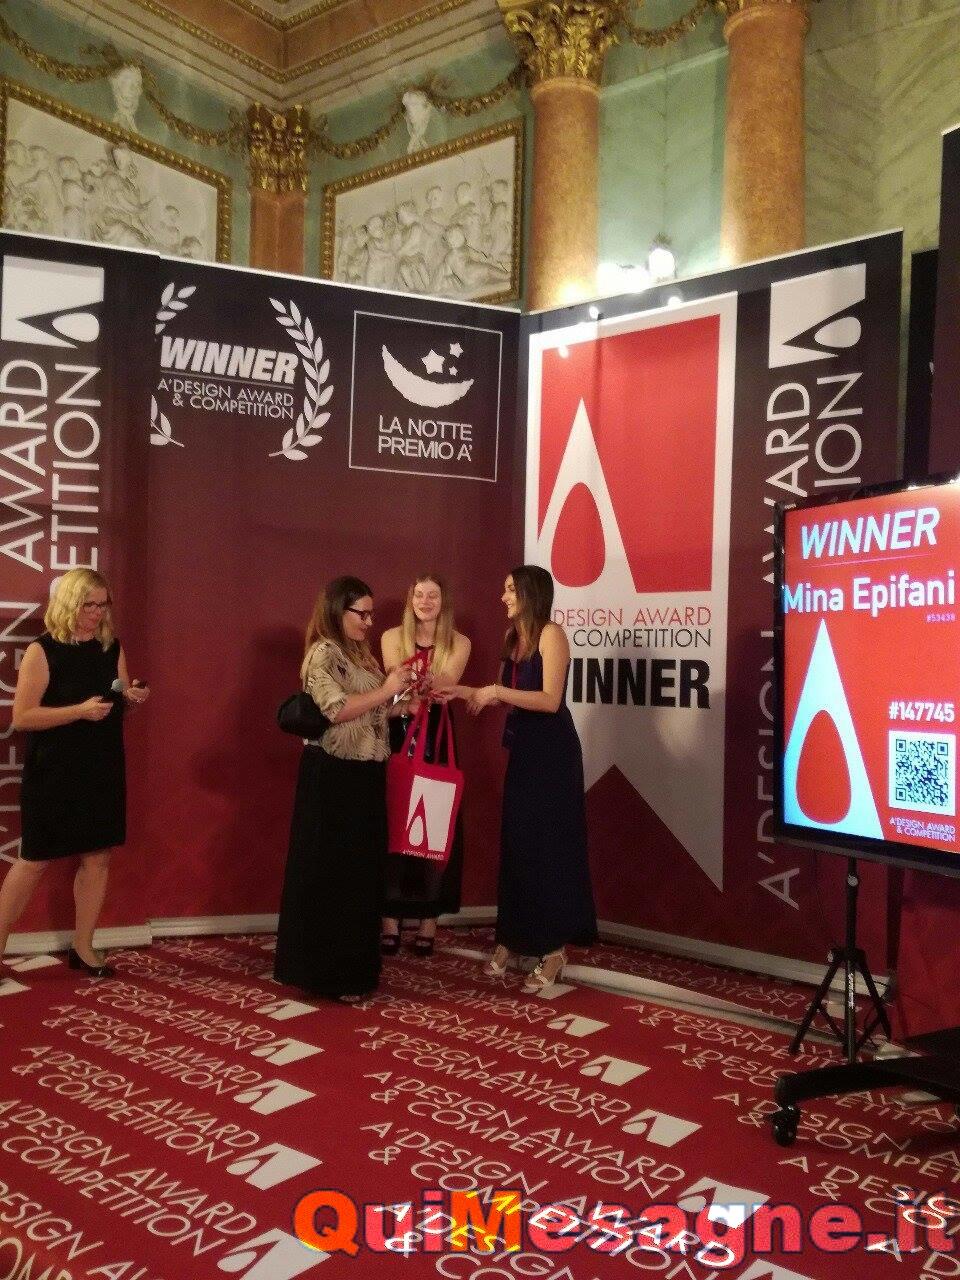 Prestigioso riconoscimento internazionale per la mesagnese Mina Epifani